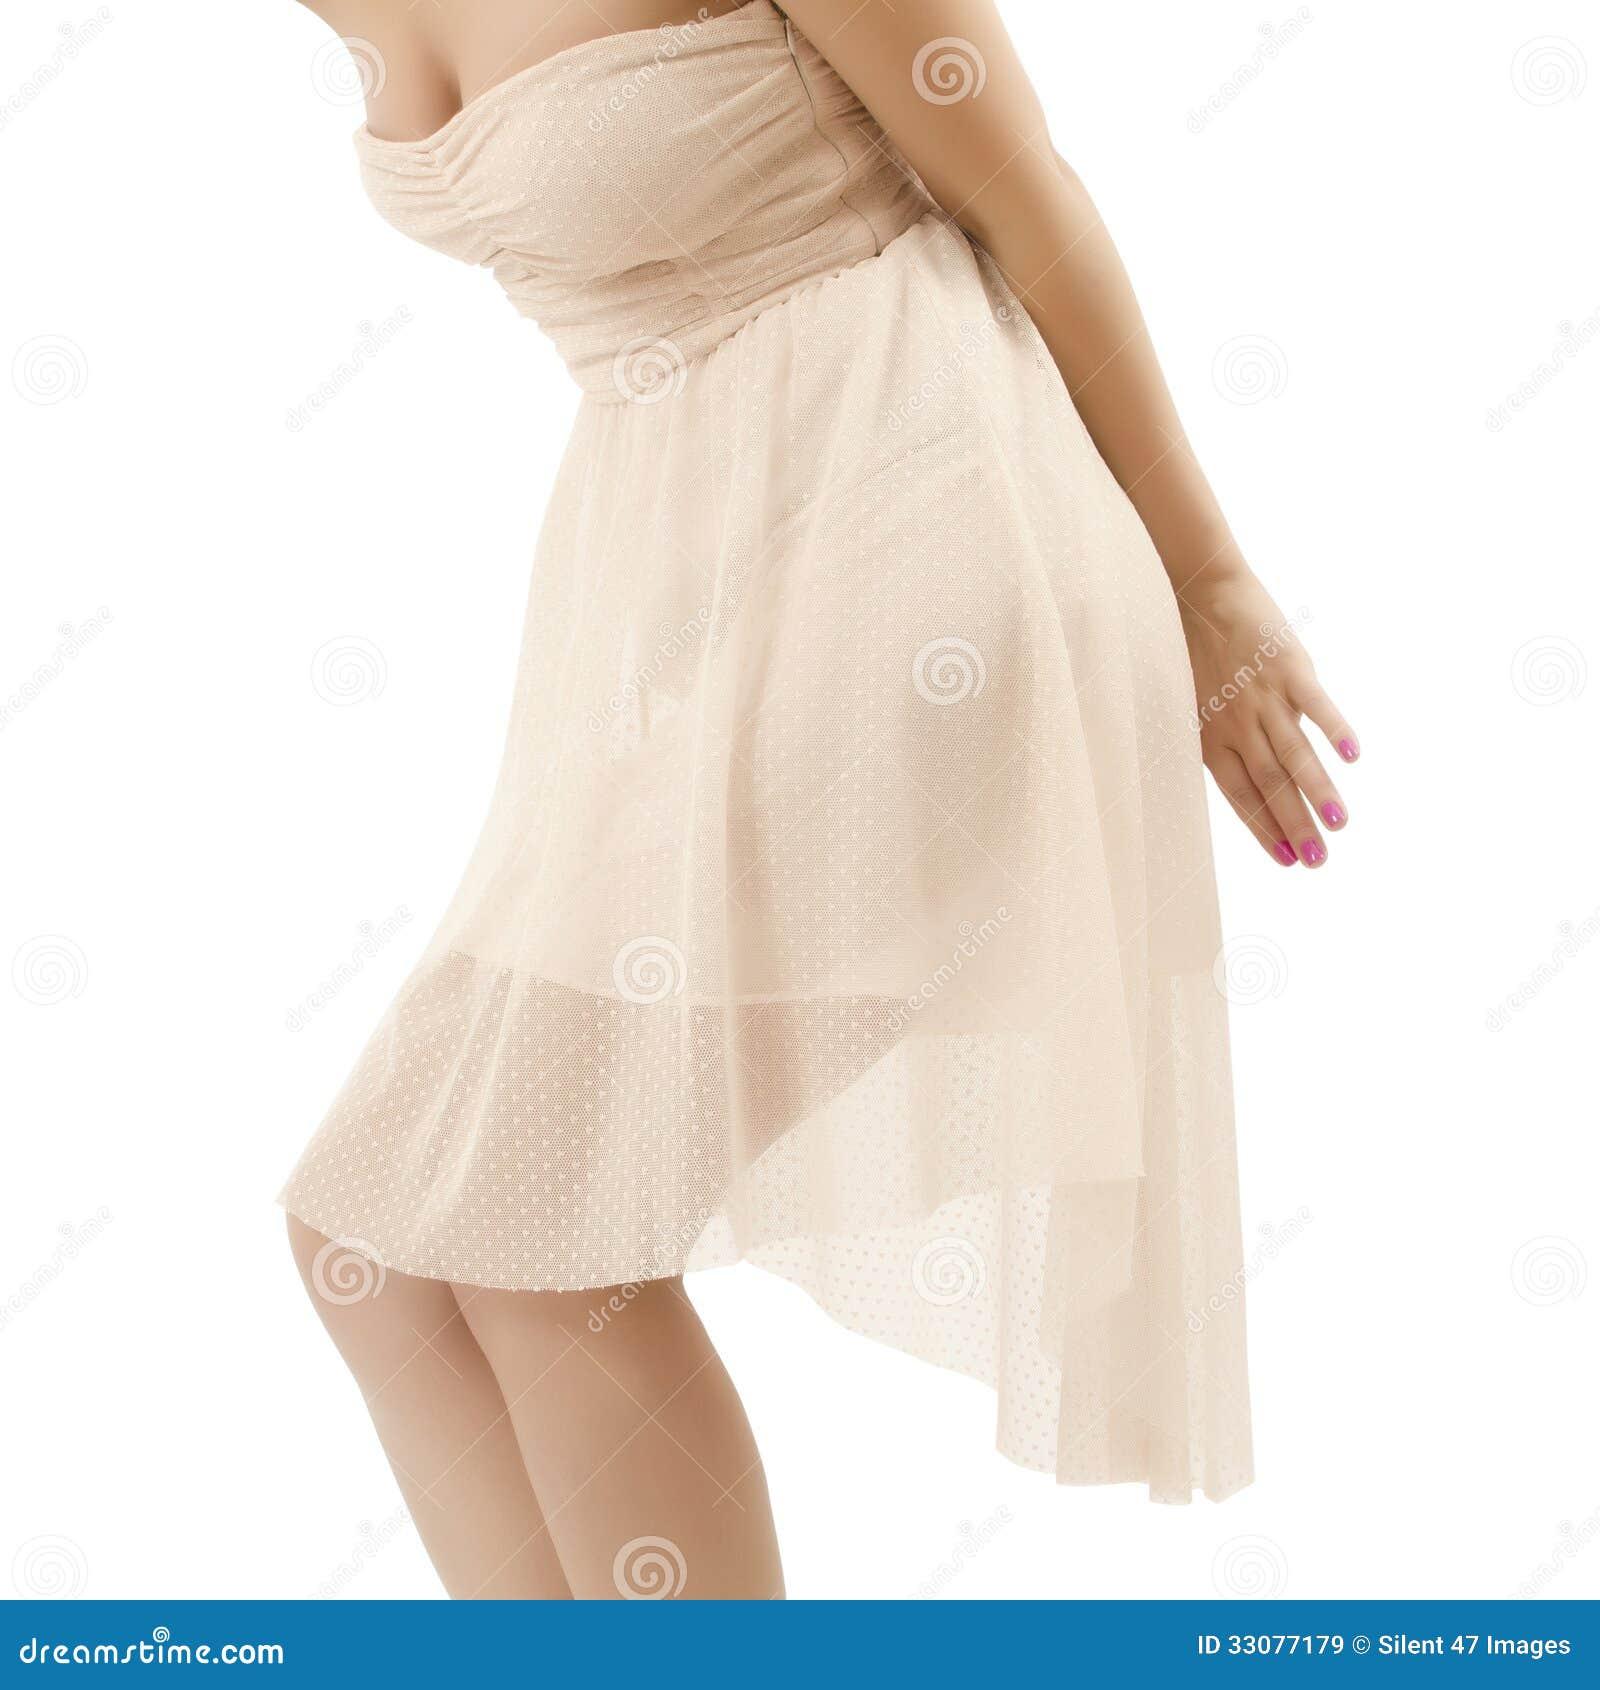 Fantastic Brunettes Lorde Singers White Background White Dress Women 4k Full Hd